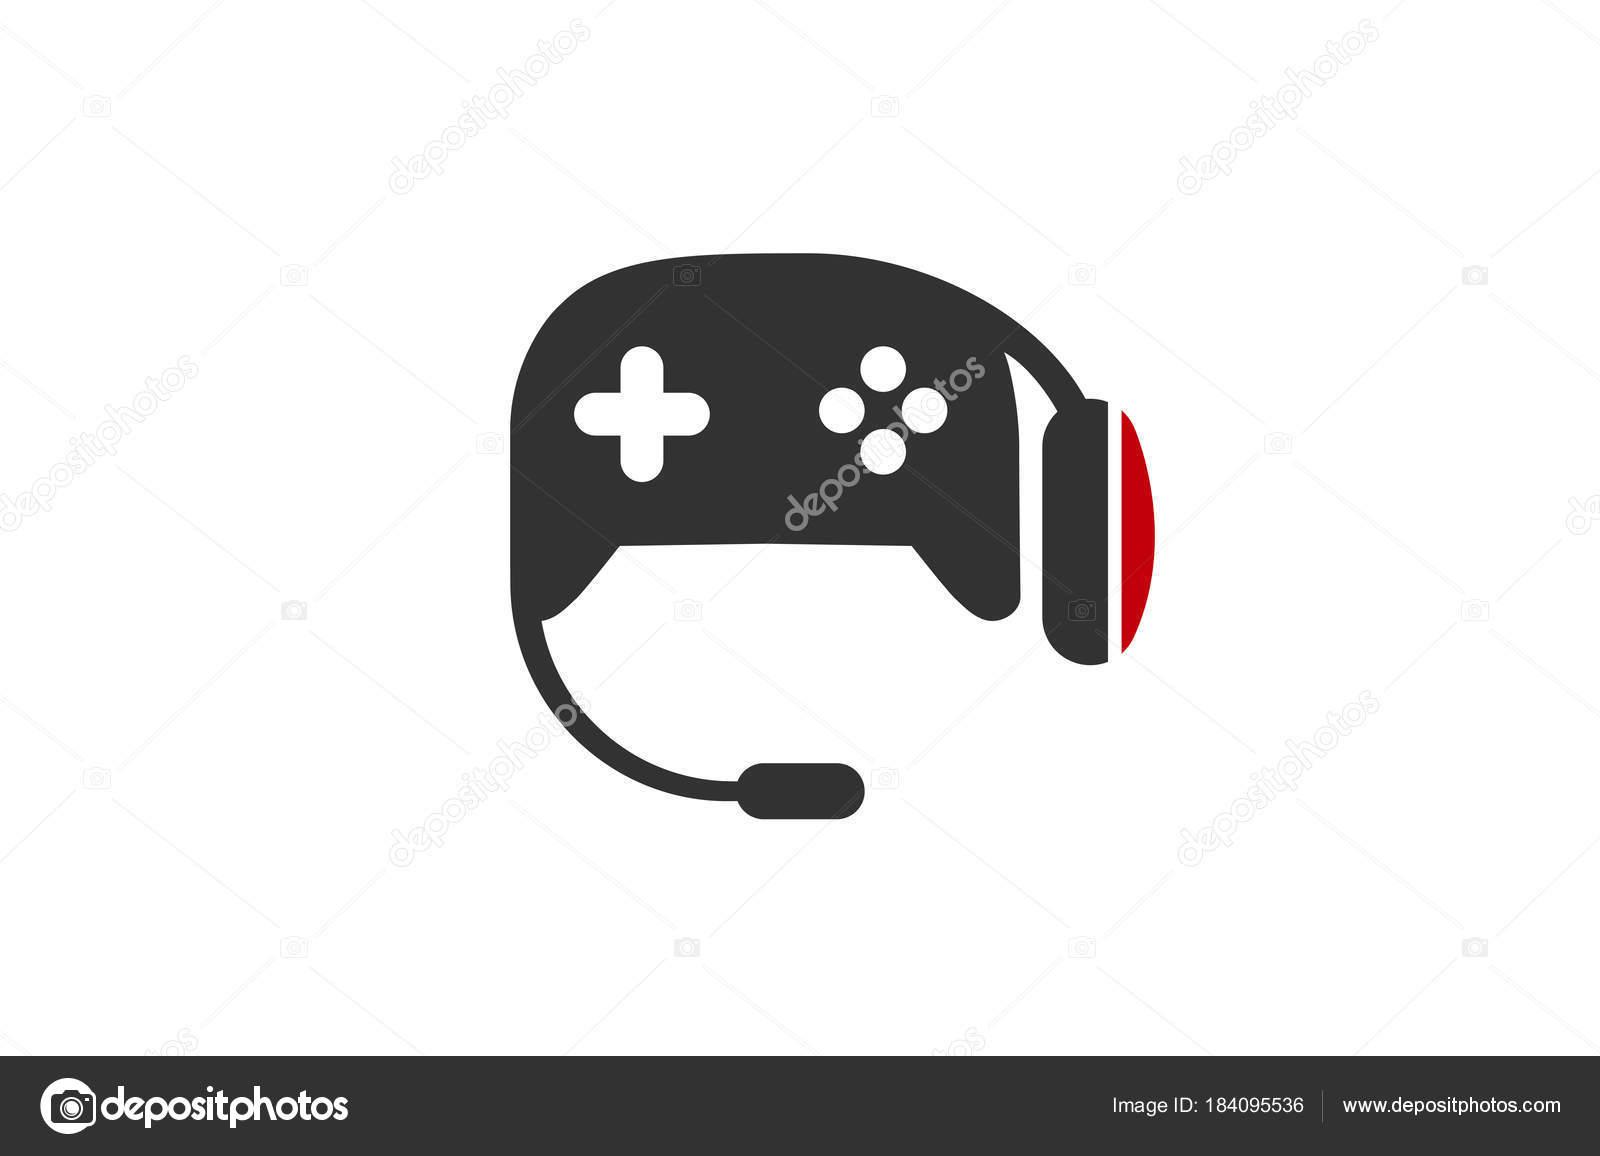 Ilustracion Diseno Logo Juegos Archivo Imagenes Vectoriales